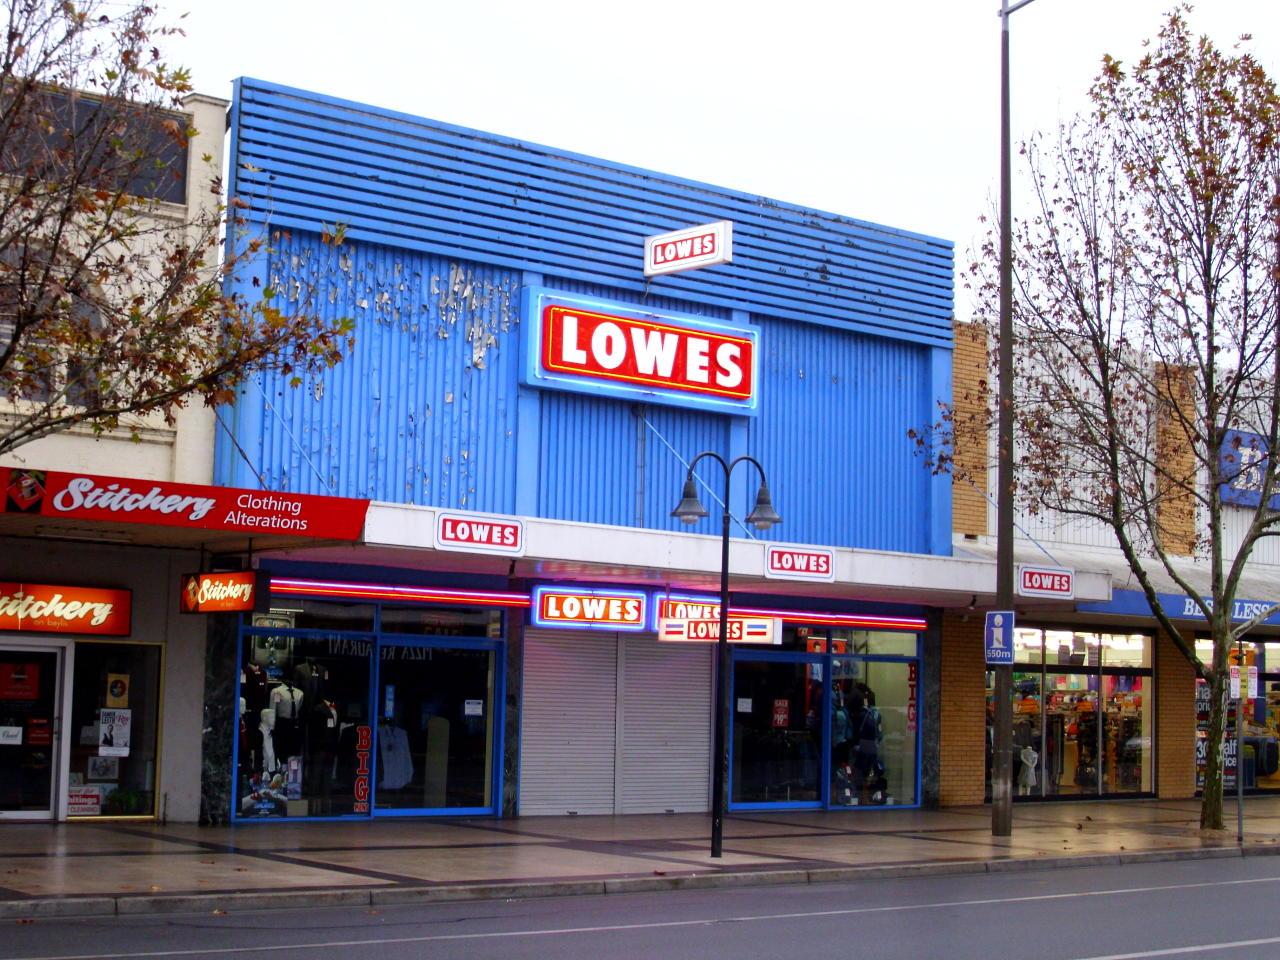 Lowe's es una cadena de productos del hogar y materiales de construcción. En Glassdoor, que le da un 3,3, busca comerciales o fontaneros sin exigir titulación universitaria. (Foto: Wikimedia Commons).